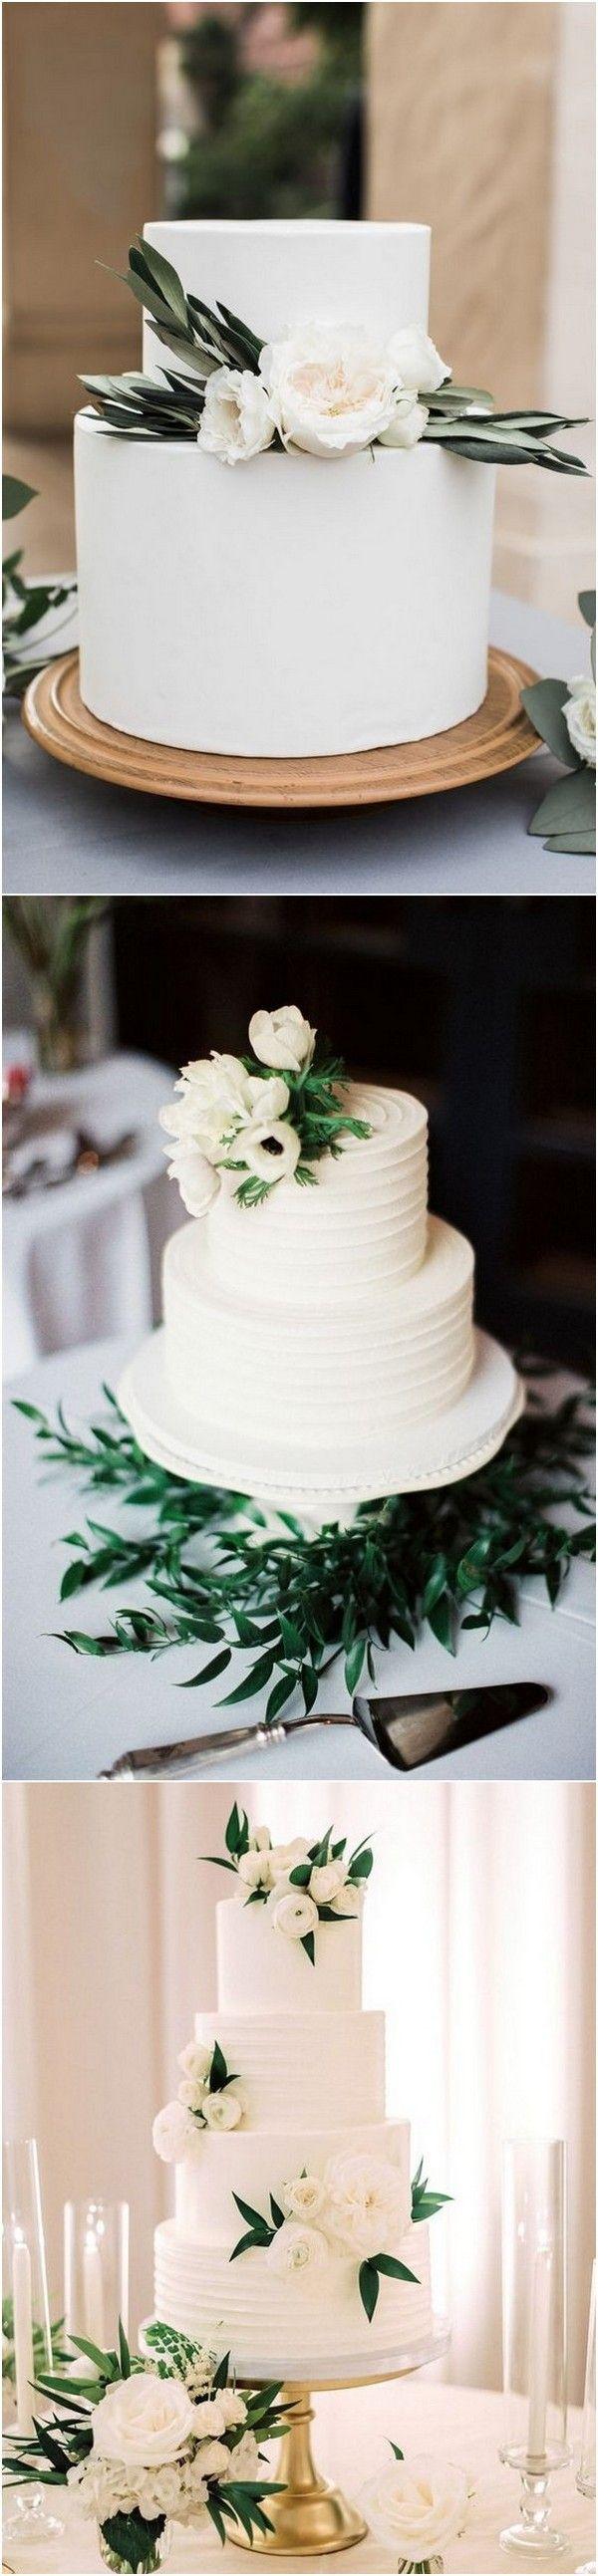 weiße und grüne elegante Hochzeitstorten   – Torten/Kuchen